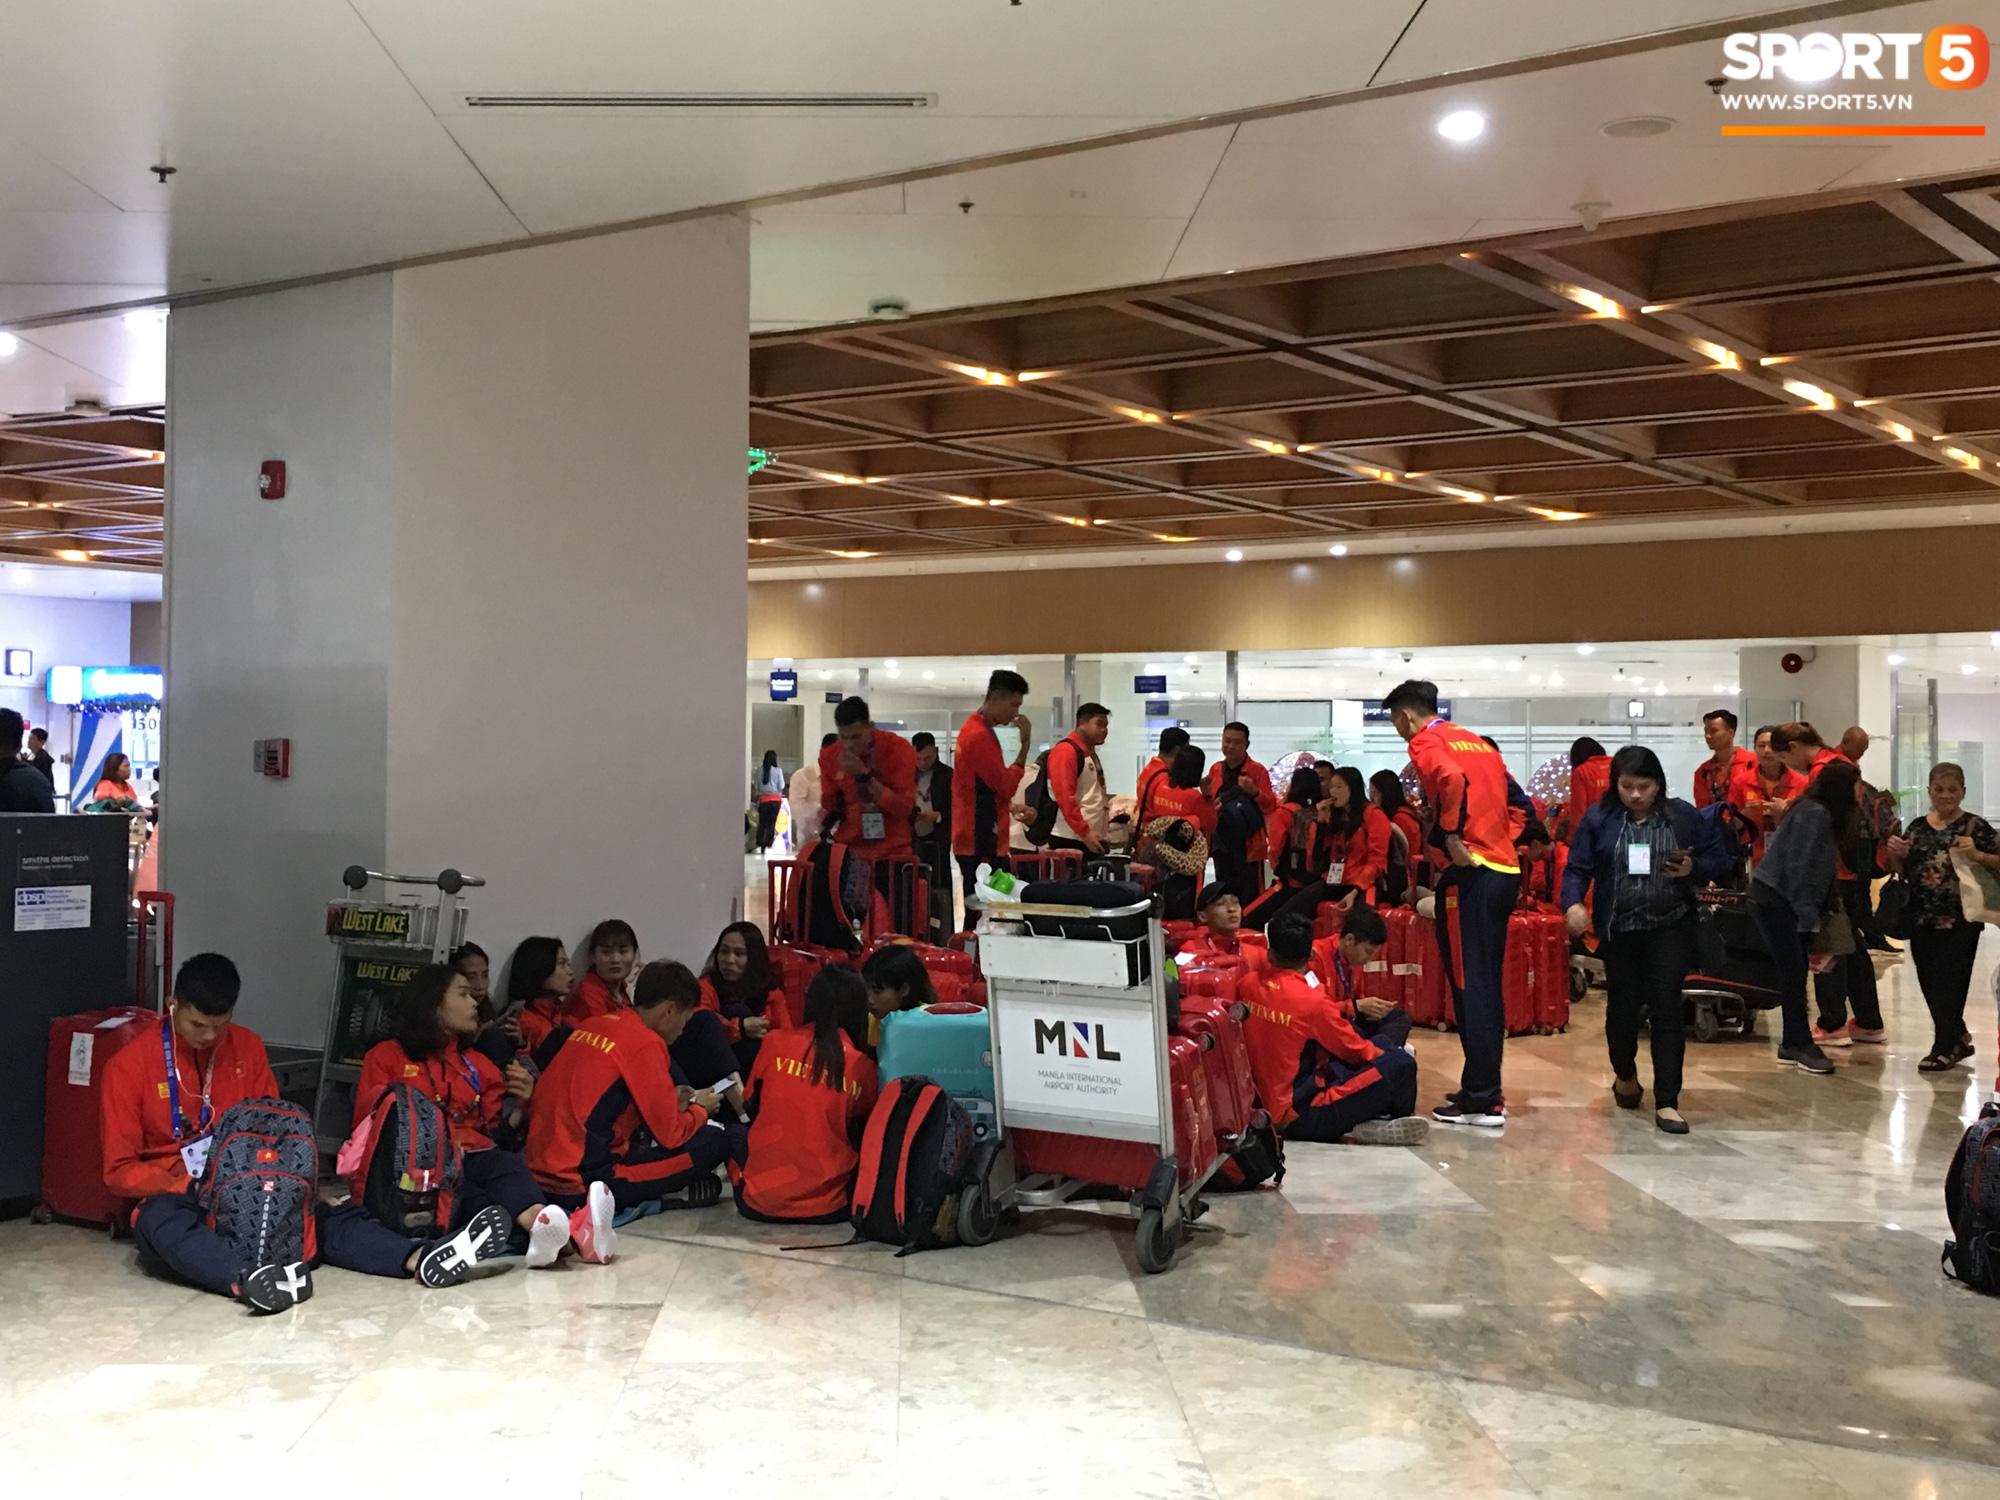 Xe buýt lại đến muộn, đoàn VĐV Việt Nam tranh thủ mở đồ ăn đánh chén ngay tại sân bay sau chuyến đi hú hồn - Ảnh 13.